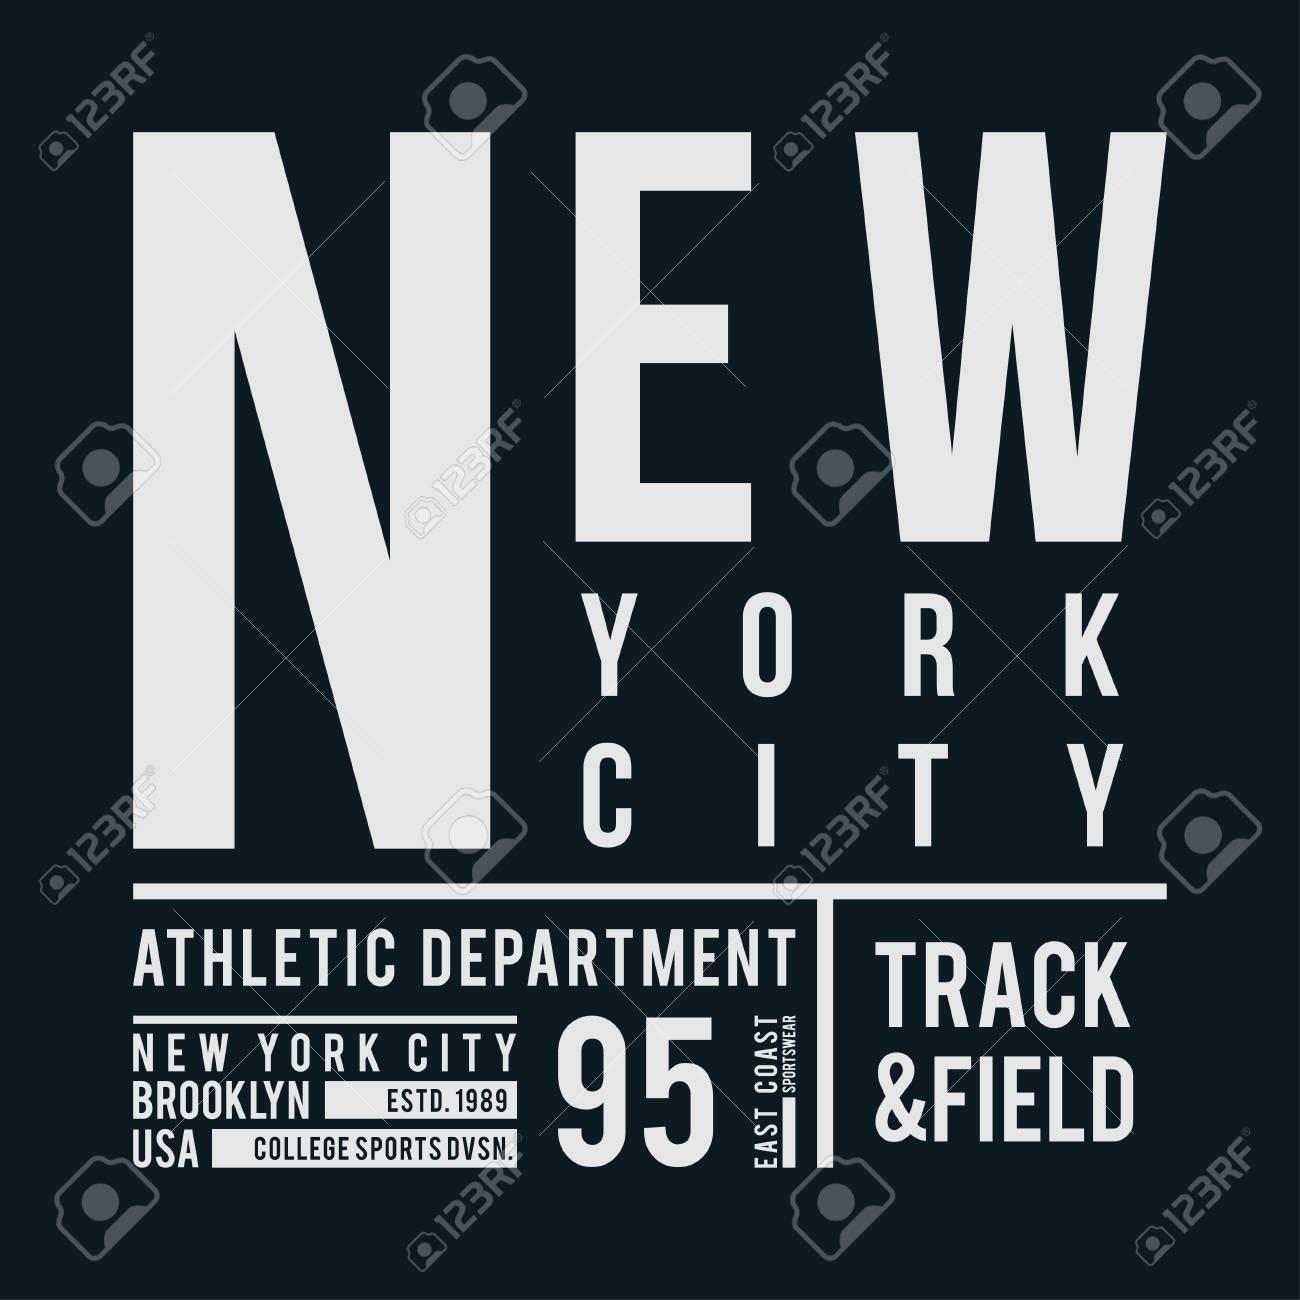 2f7ed42a2 Foto de archivo - Tipografía de Nueva York